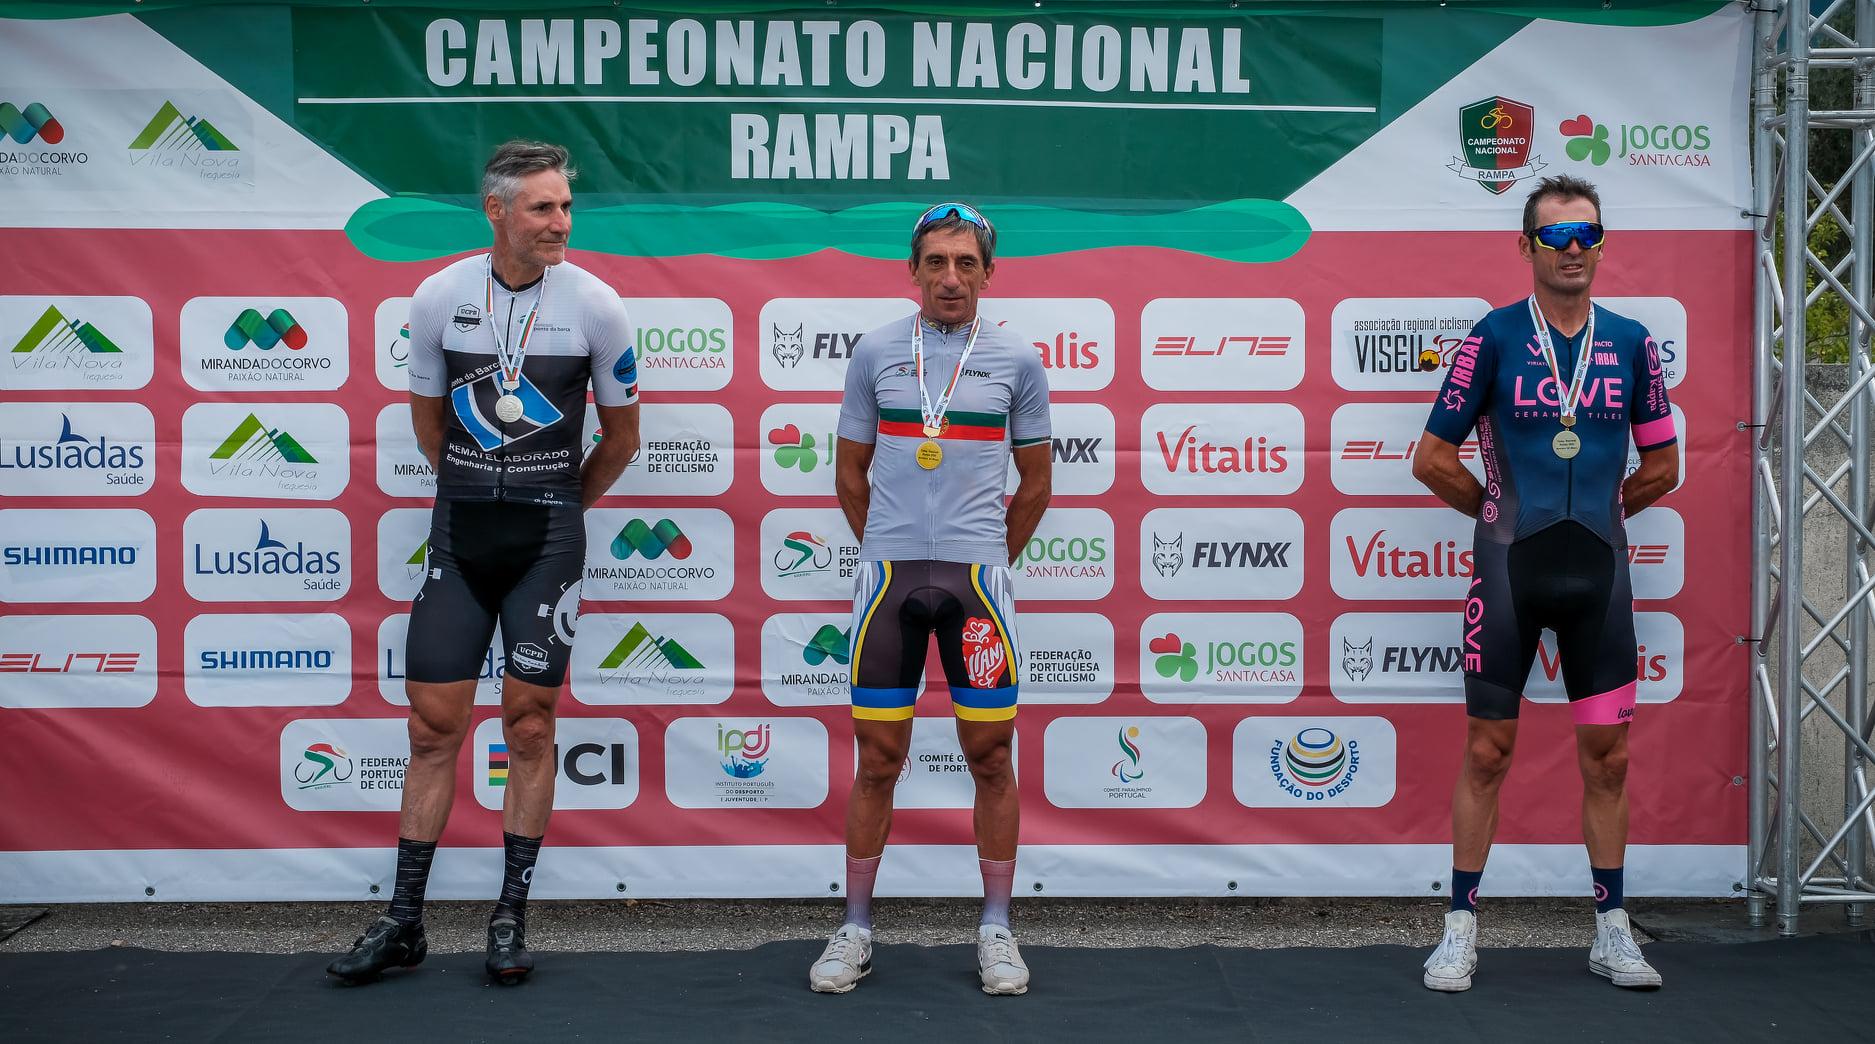 BTT: Carlos Soares vence no Campeonato Nacional de Rampa